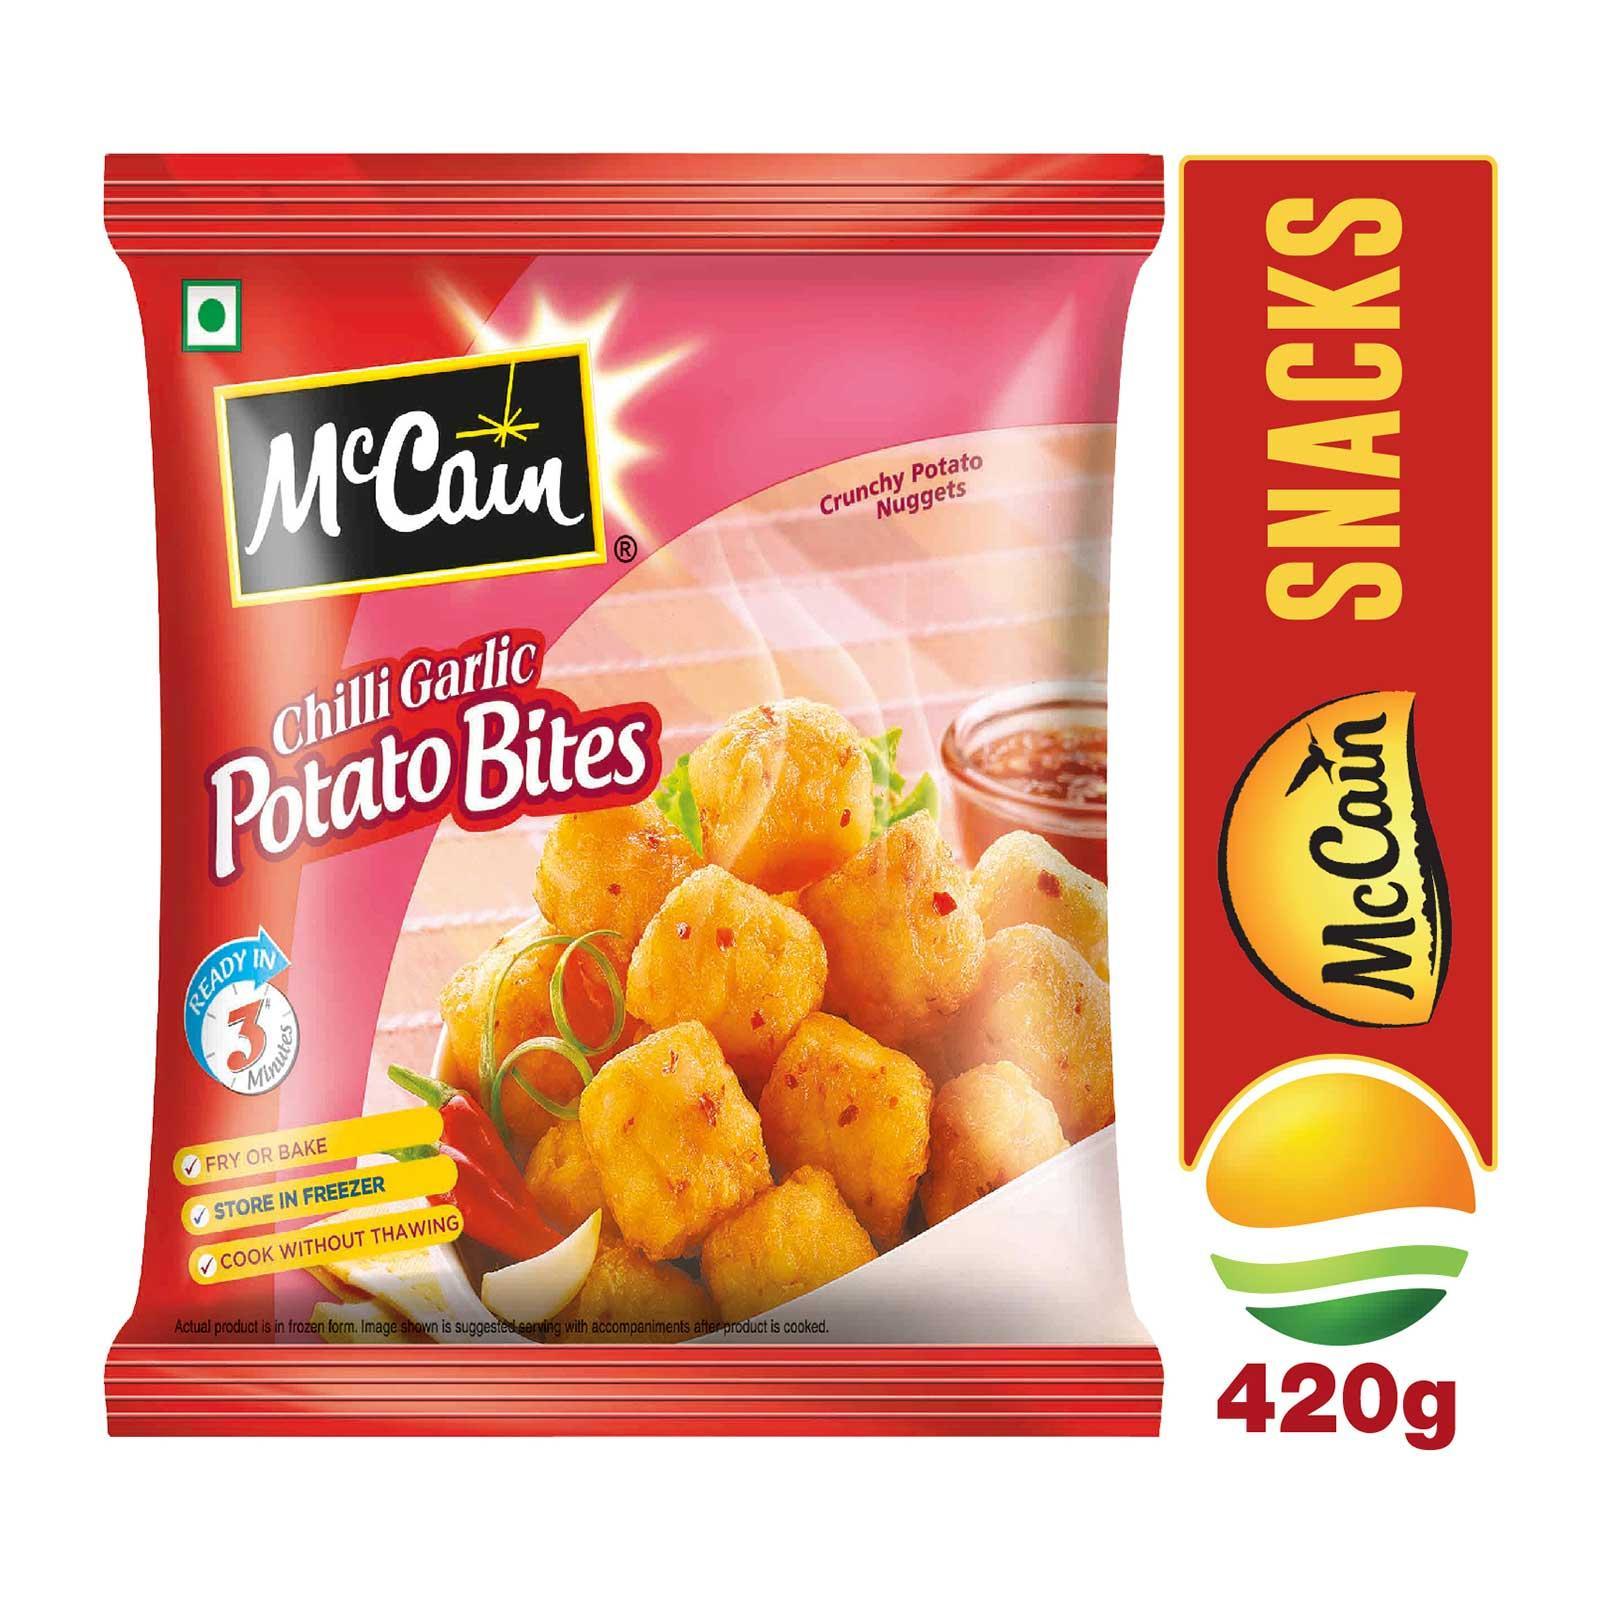 McCain Chilli Garlic Potato Bites (Croquettes) - Frozen - By Sonnamera